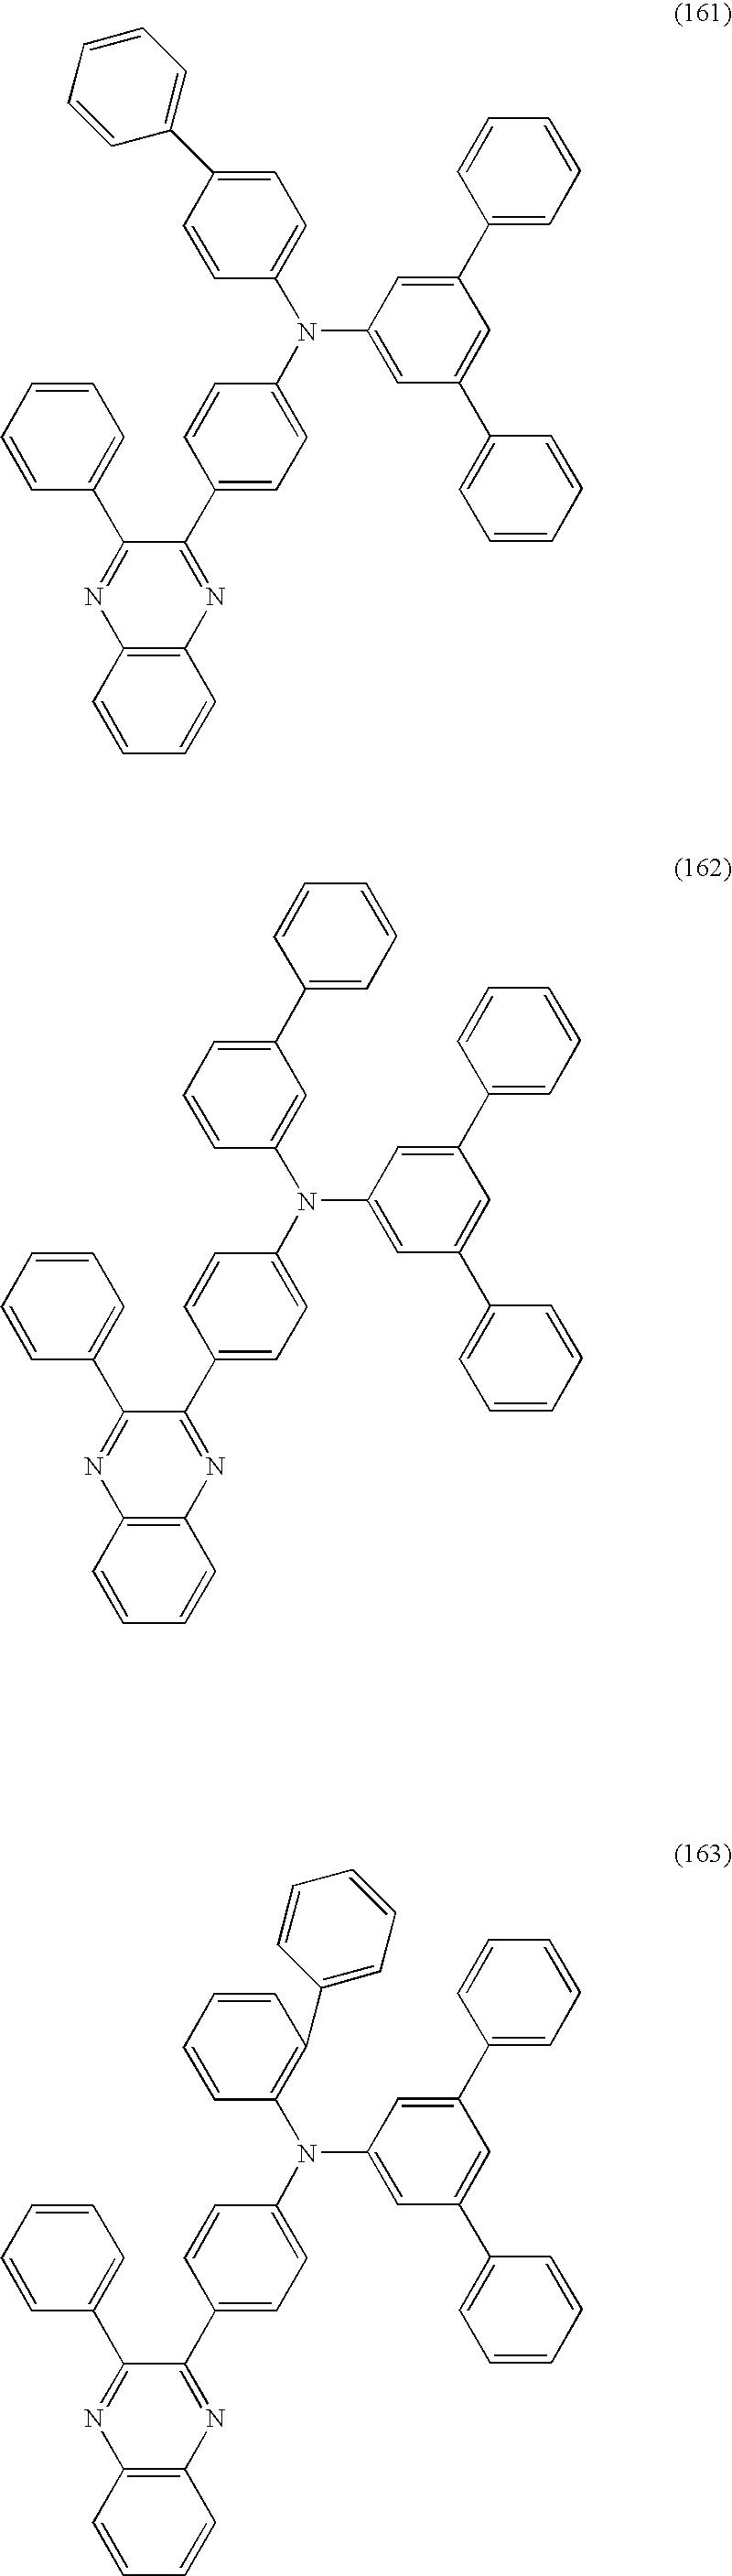 Figure US08178216-20120515-C00056